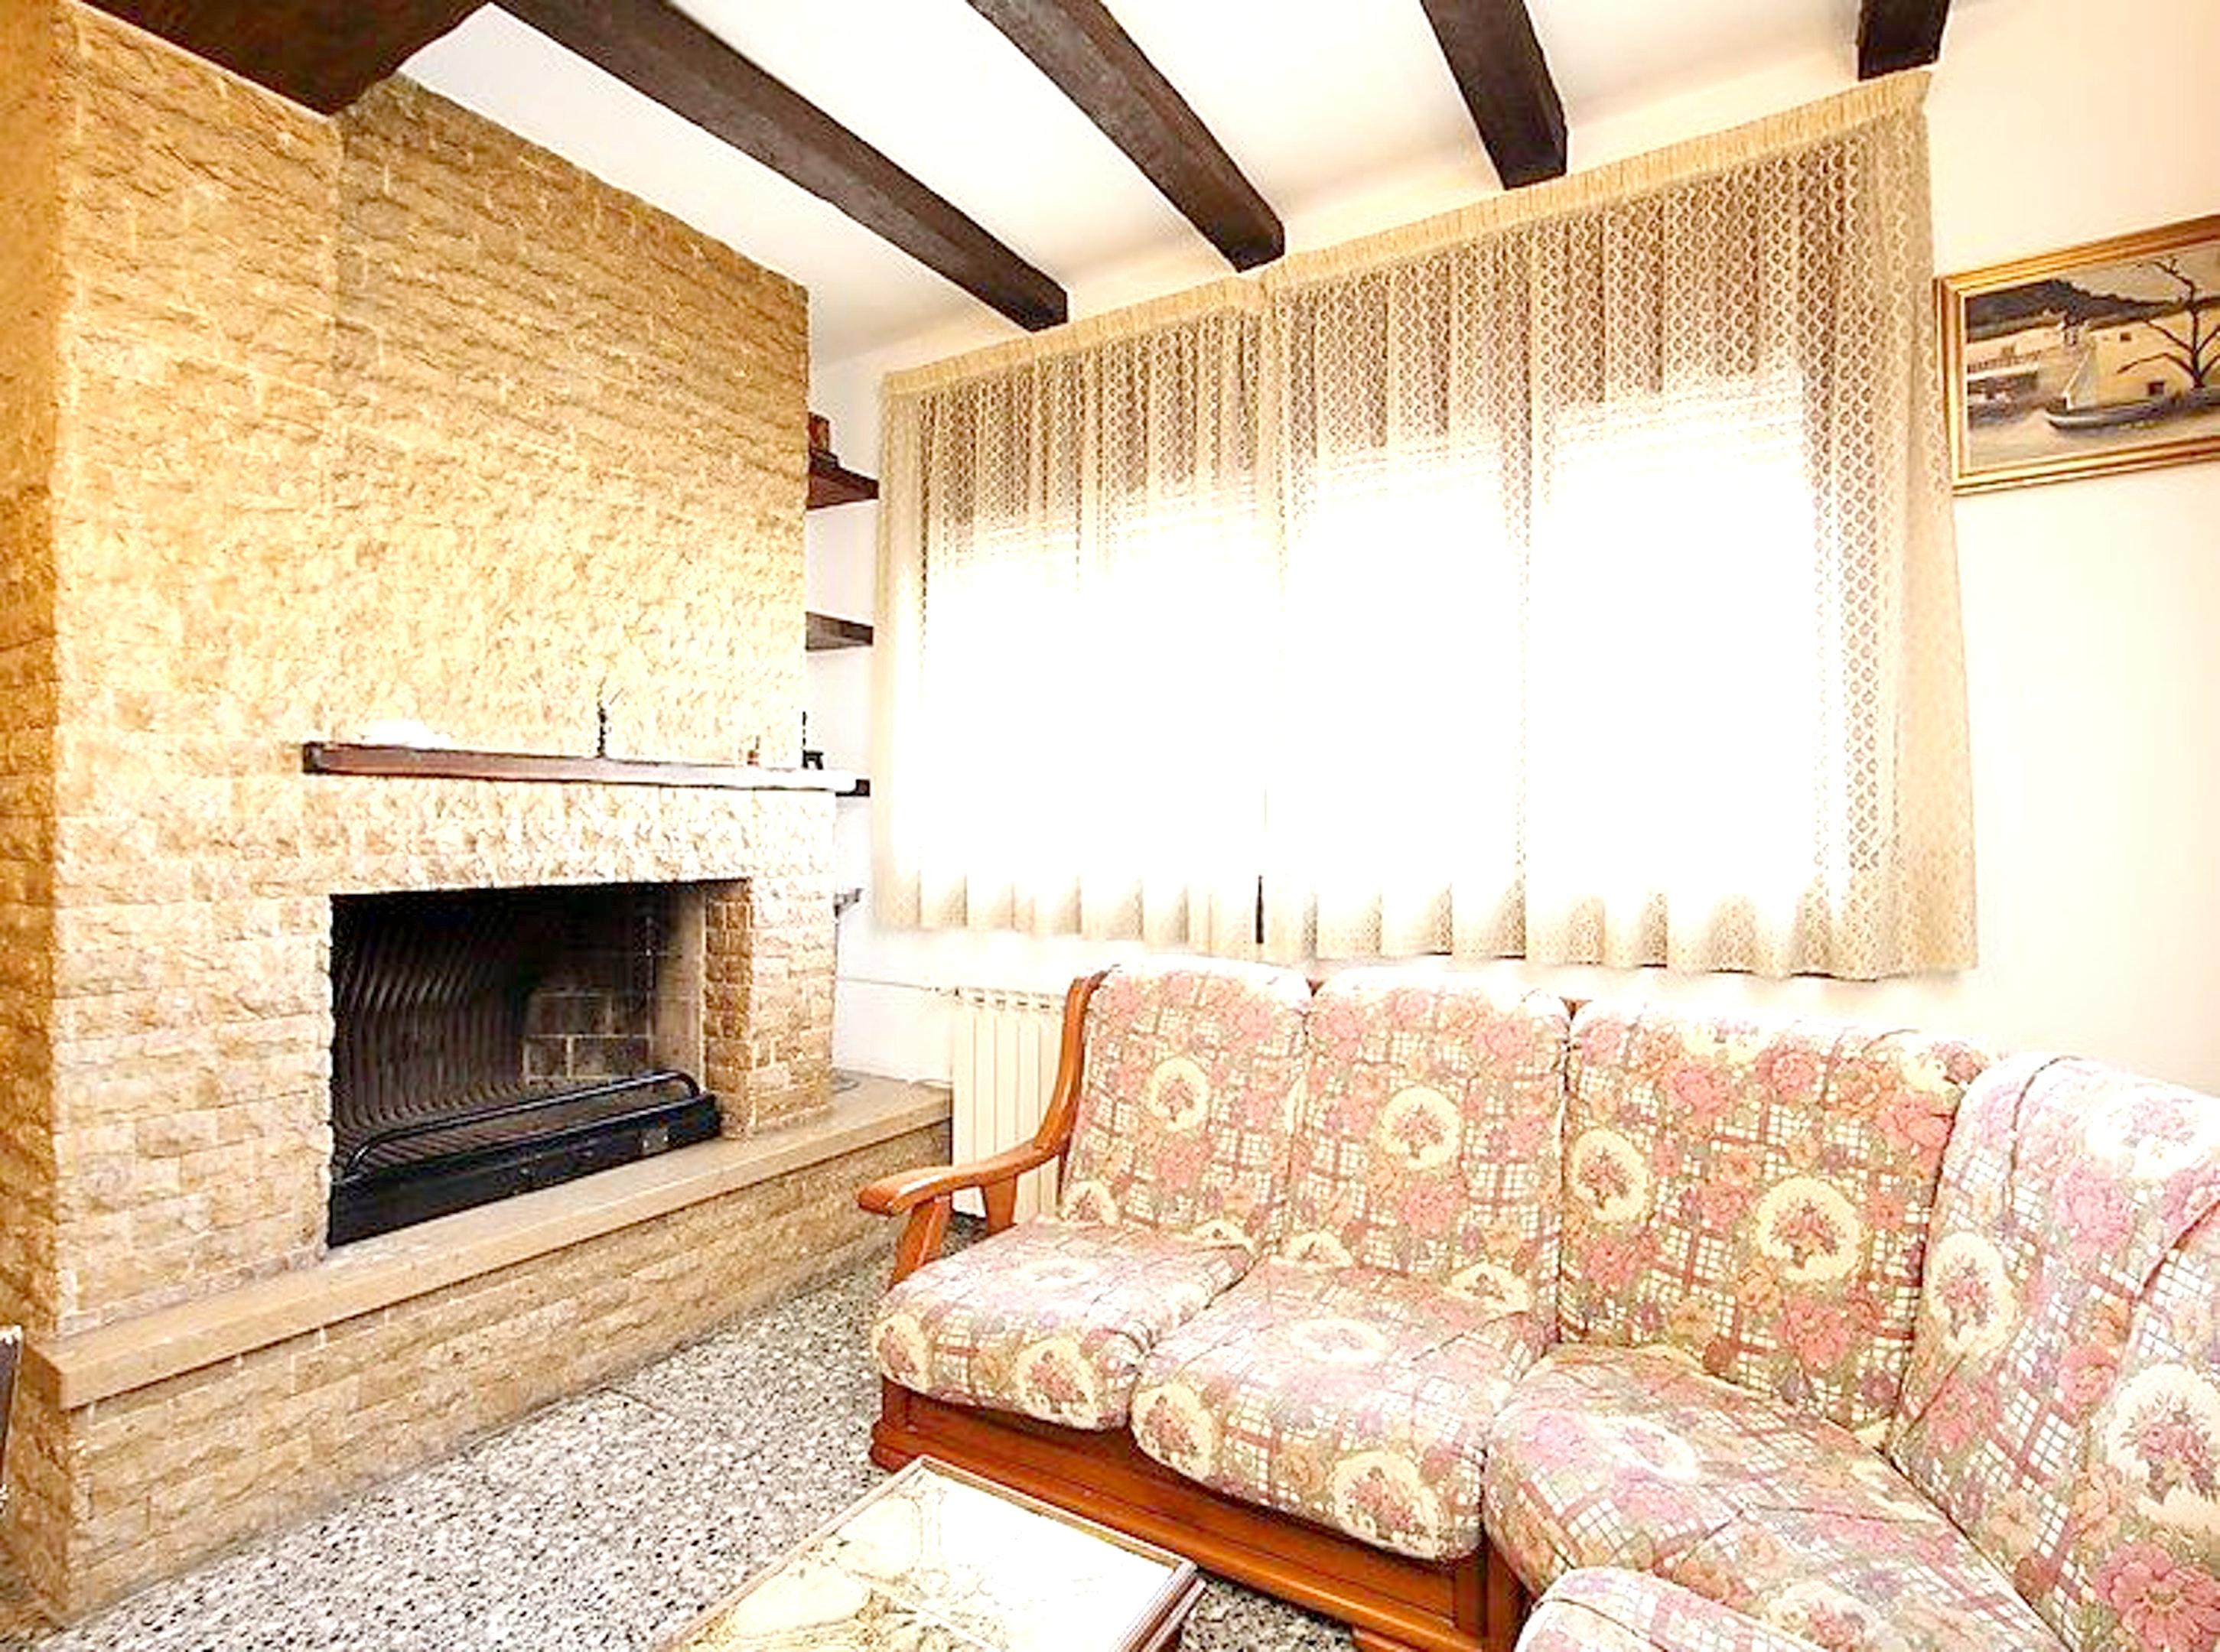 Ferienhaus Villa mit 6 Schlafzimmern in Canyelles mit toller Aussicht auf die Berge, privatem Pool, e (2339365), Canyelles, Costa del Garraf, Katalonien, Spanien, Bild 5